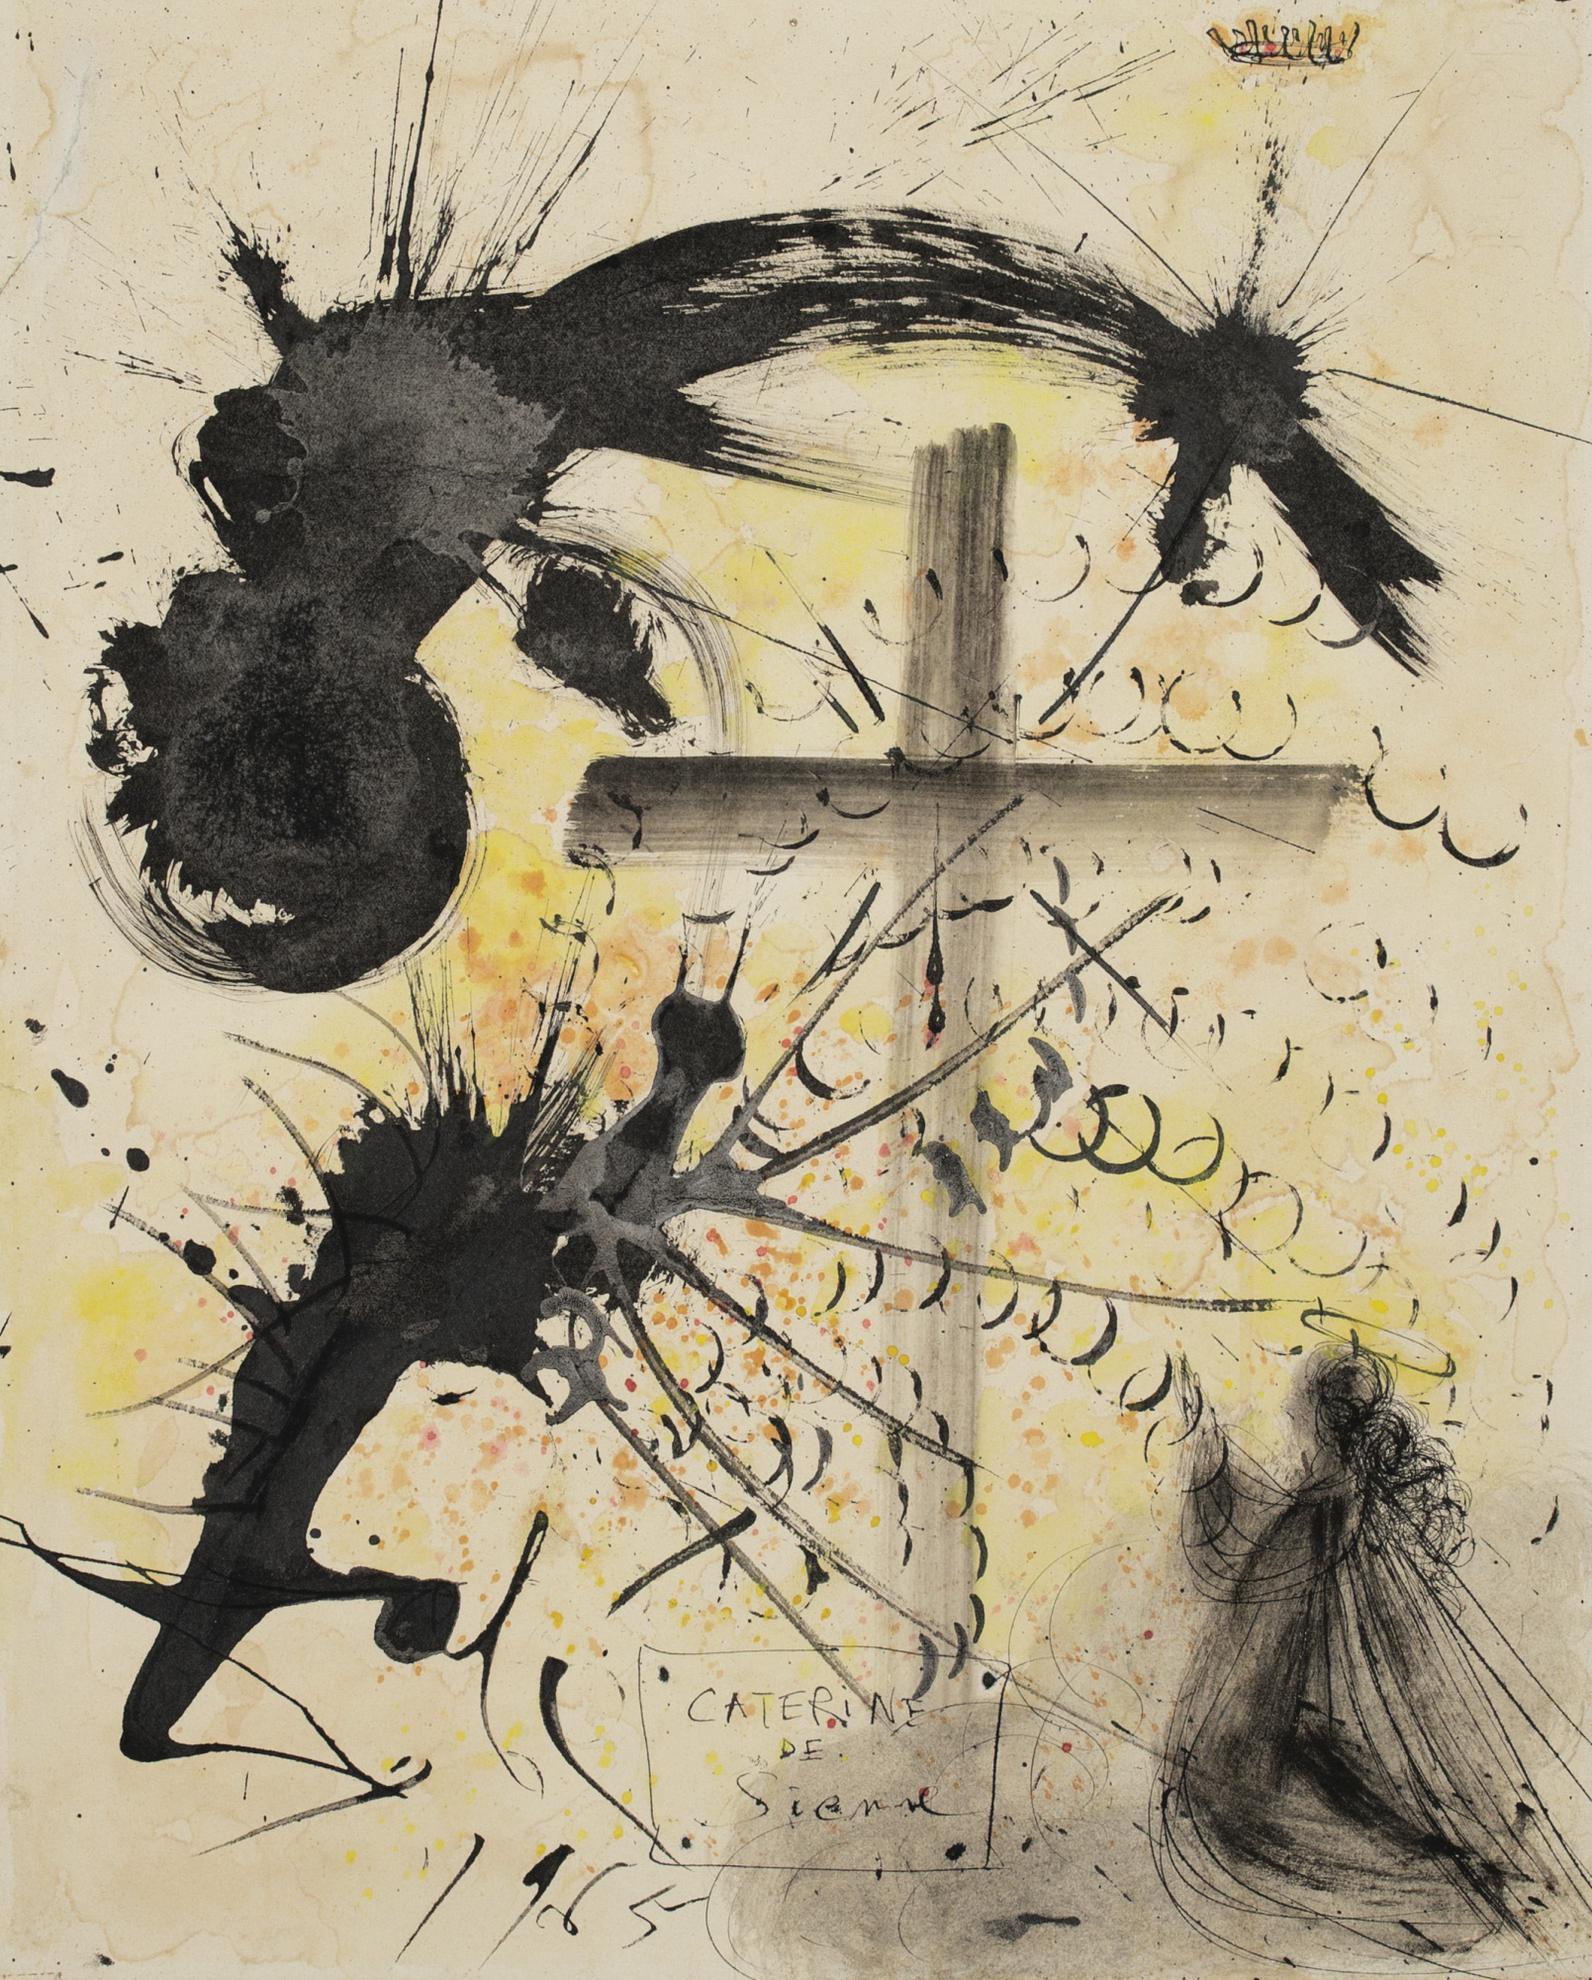 Salvador Dali-Caterine De Sienne-1965